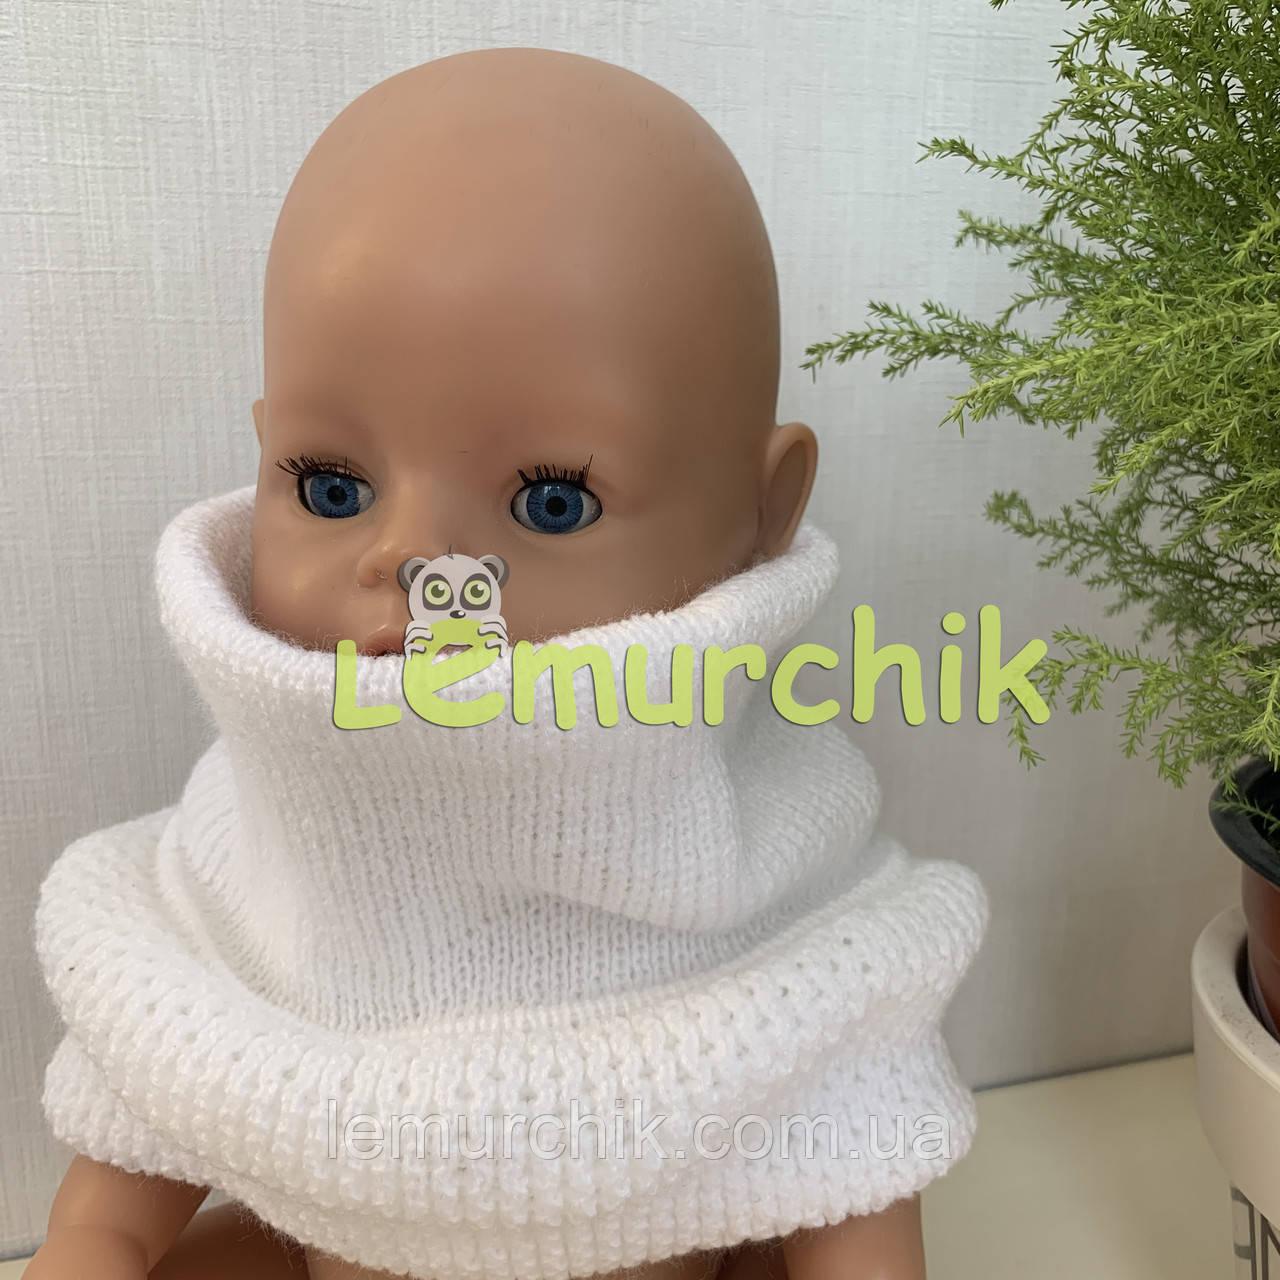 Дитячий в'язаний шарф, колір на вибір